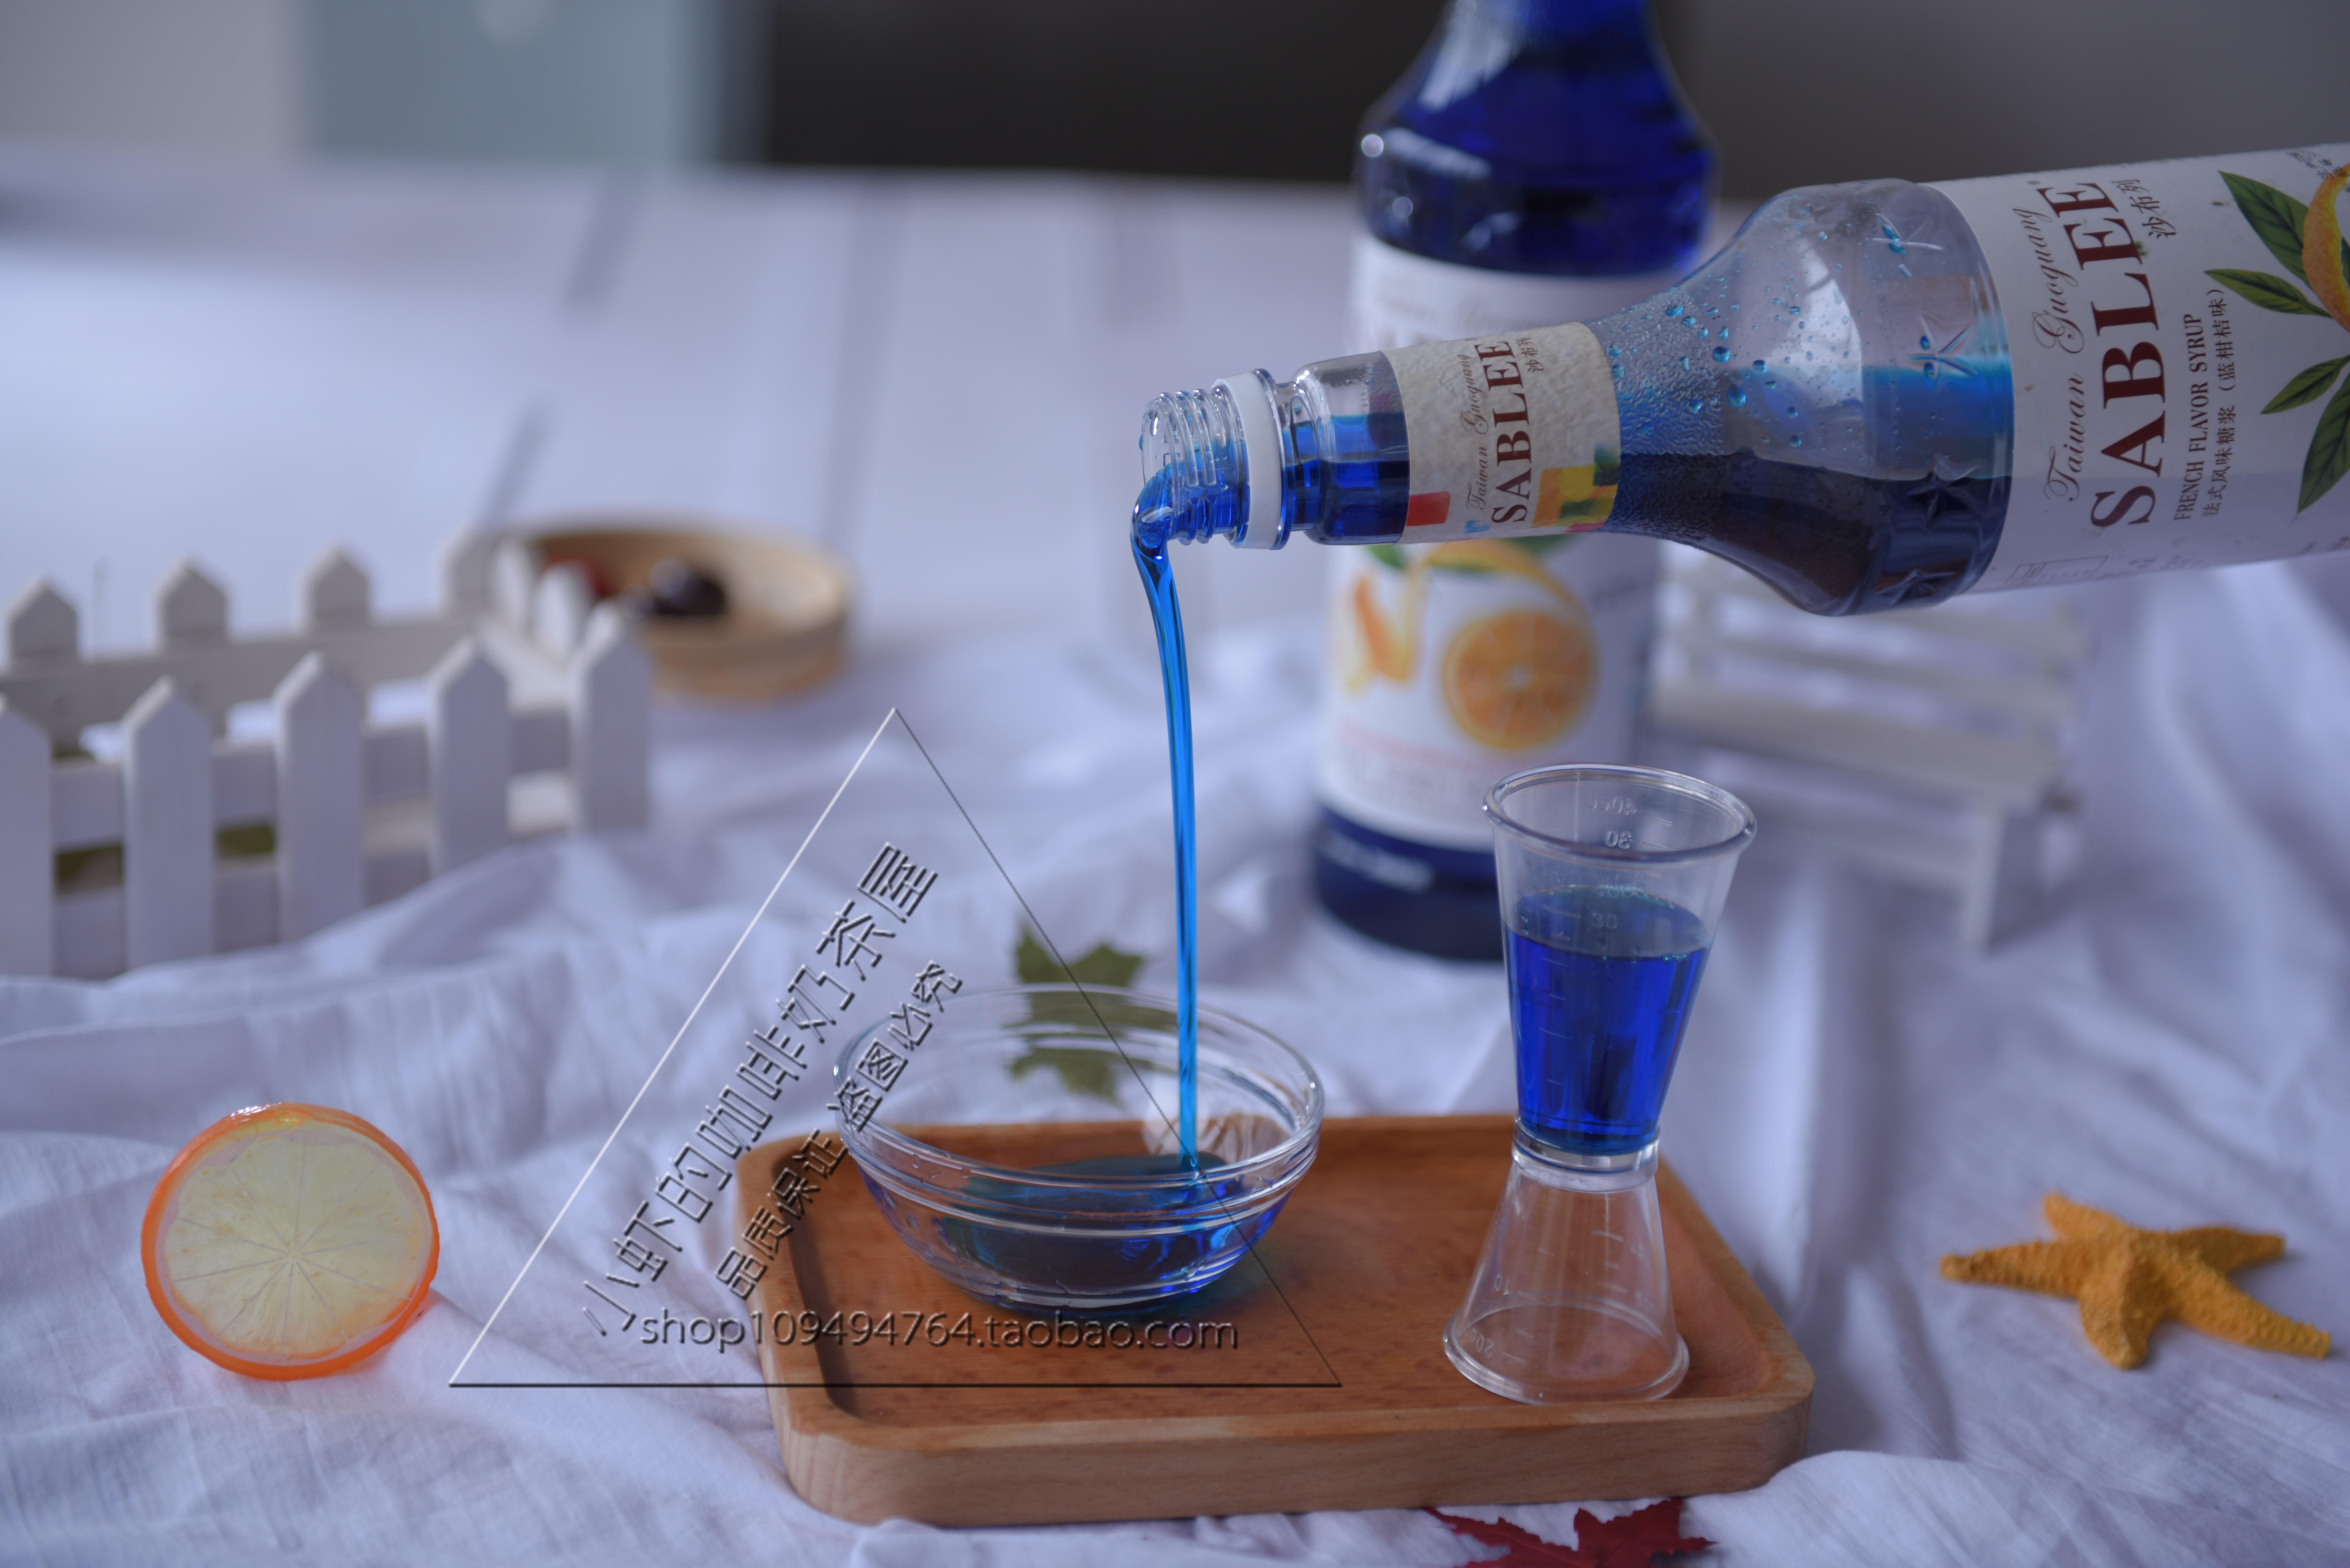 沙布列蓝柑桔糖浆气泡苏打水浓缩果汁鸡尾酒蓝色柑橘星空饮料果露